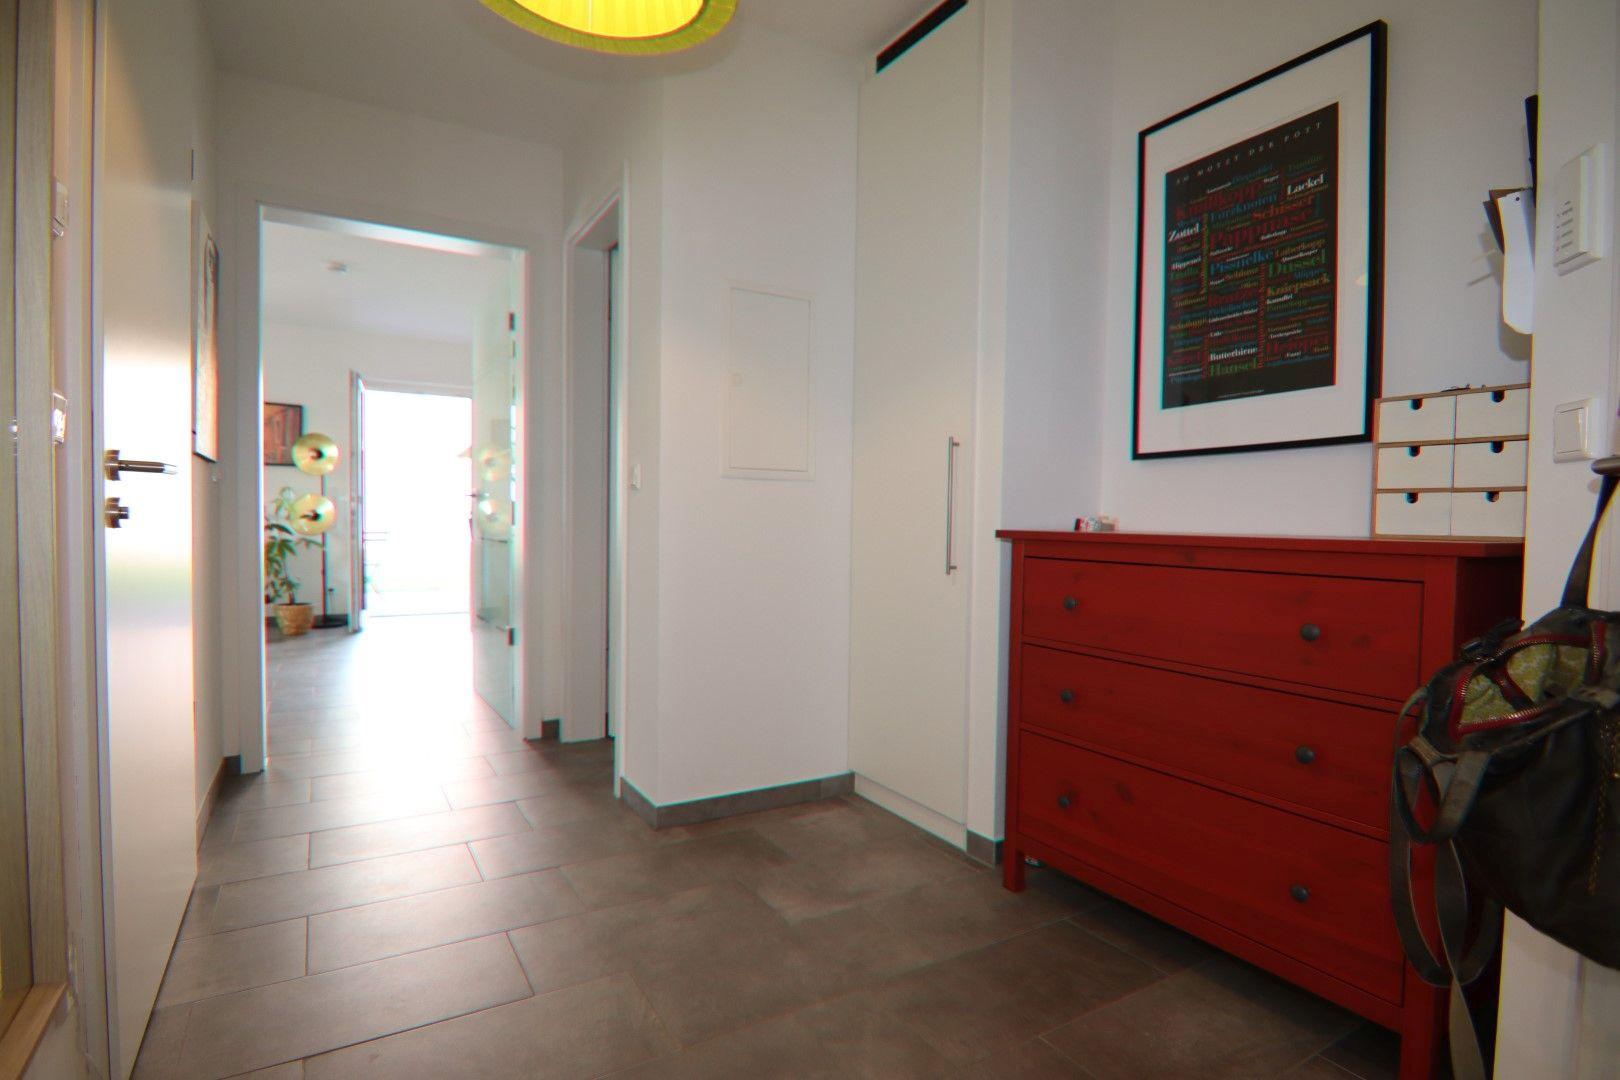 Immobilie Nr.0266 - 2-Raum-Erdgeschoss-Wohnung im Neubau mit hochwertiger Ausstattung - Bild 7.jpg